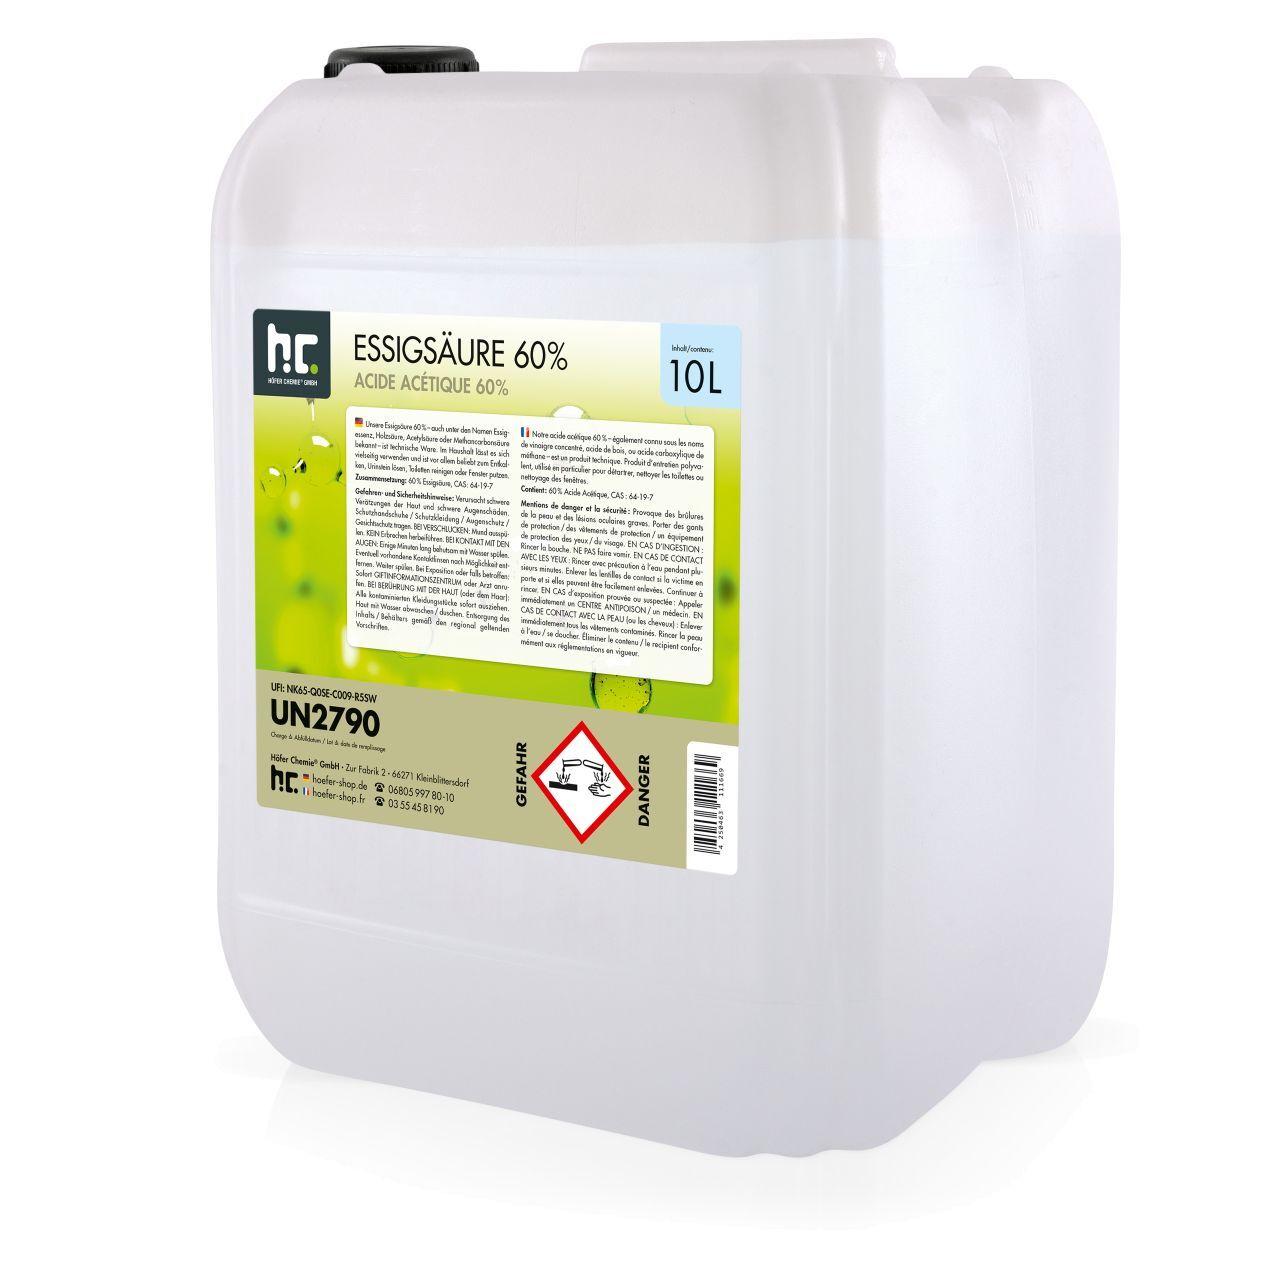 Höfer Chemie 20 l Acide Acétique 60% (2 x 10 l)